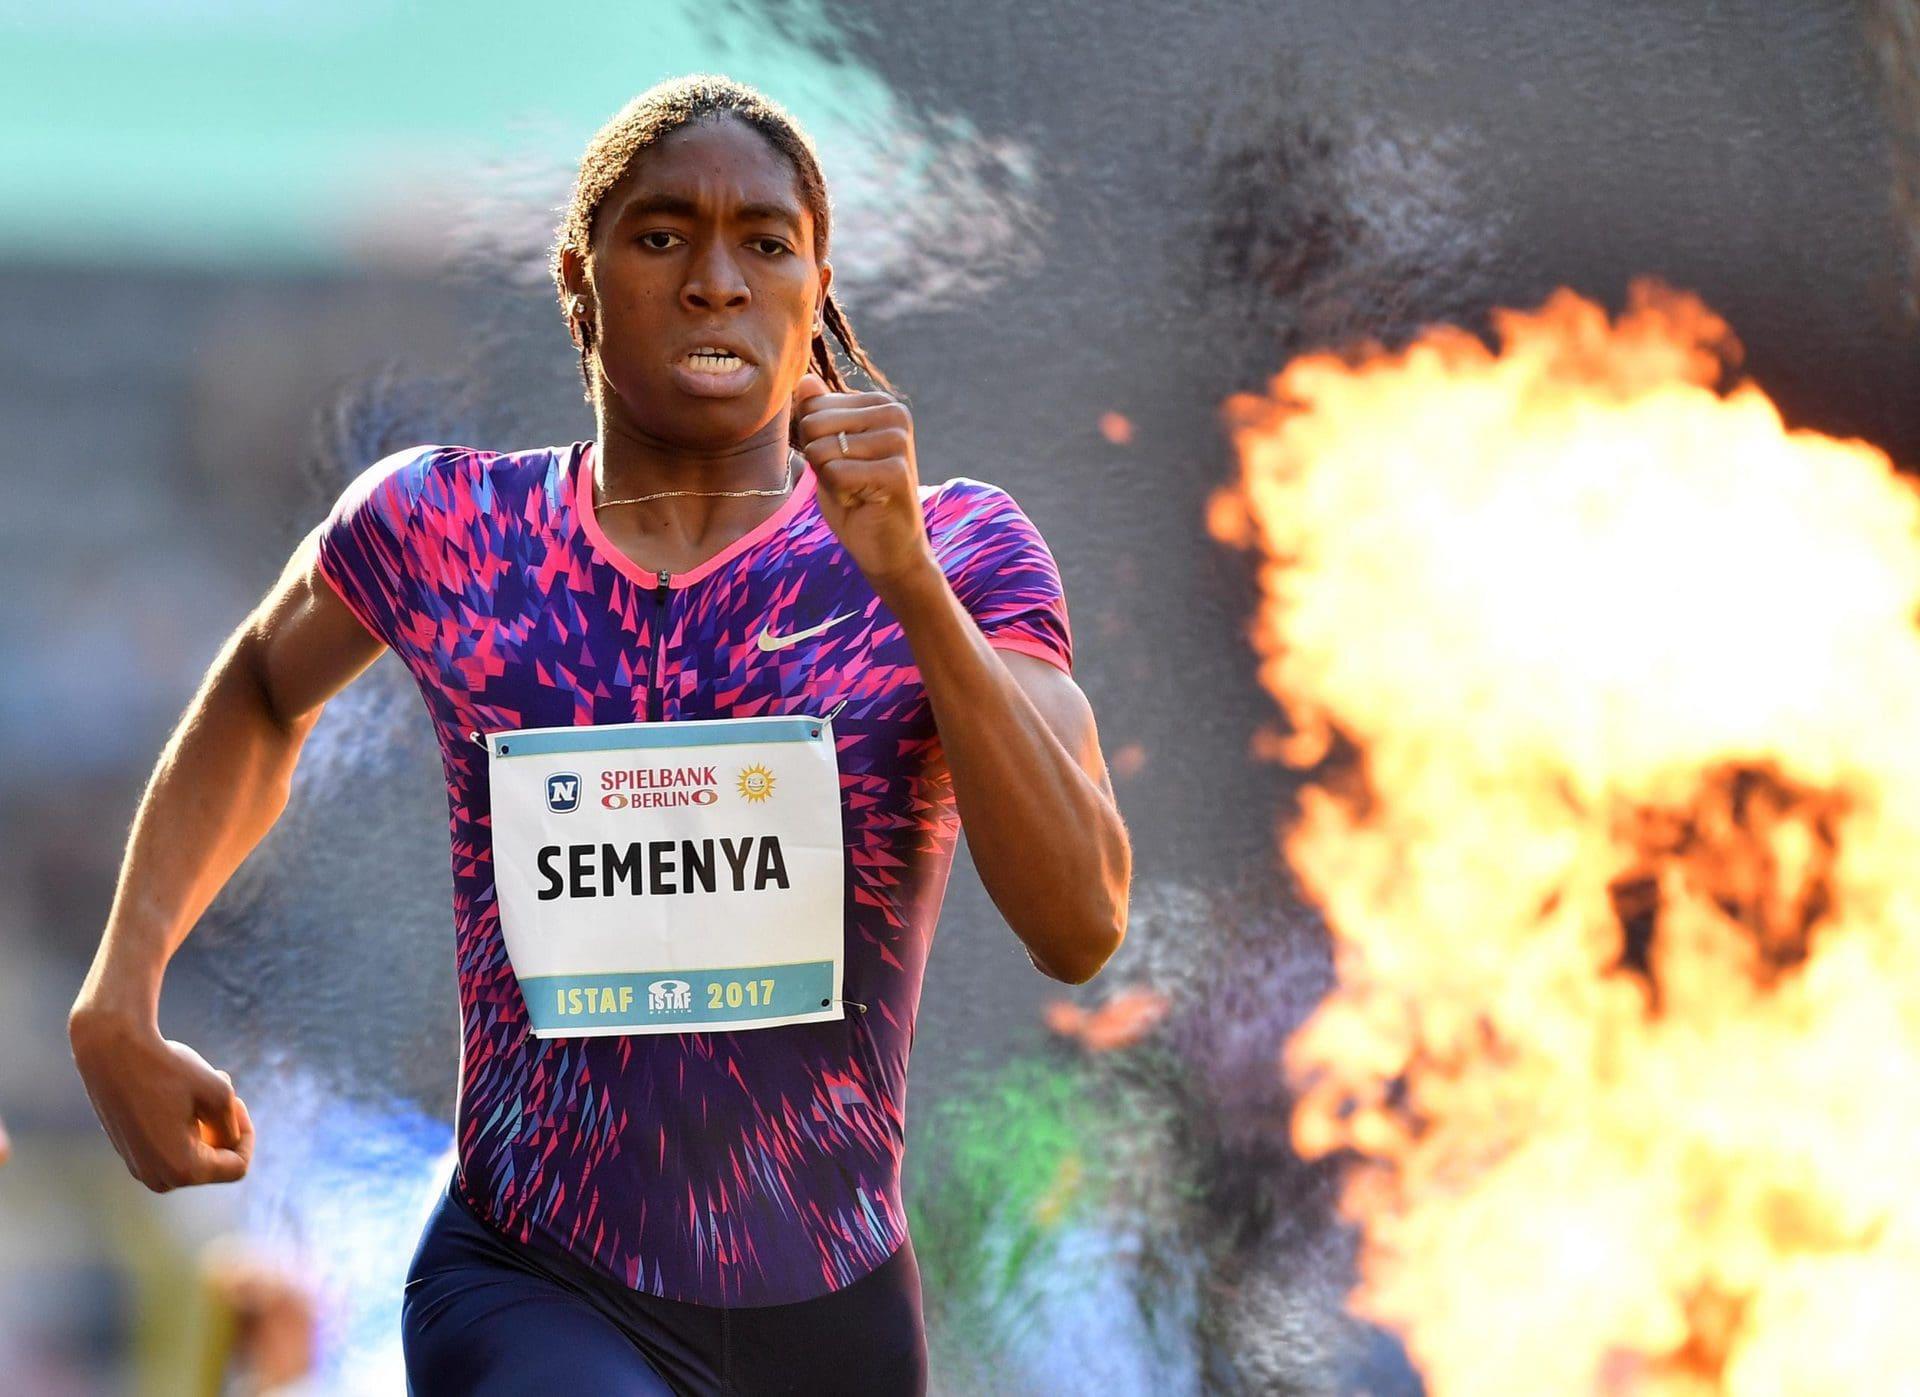 Südafrika-Star Semenya verpasst in Regensburg Olympia-Norm Leichtathletik